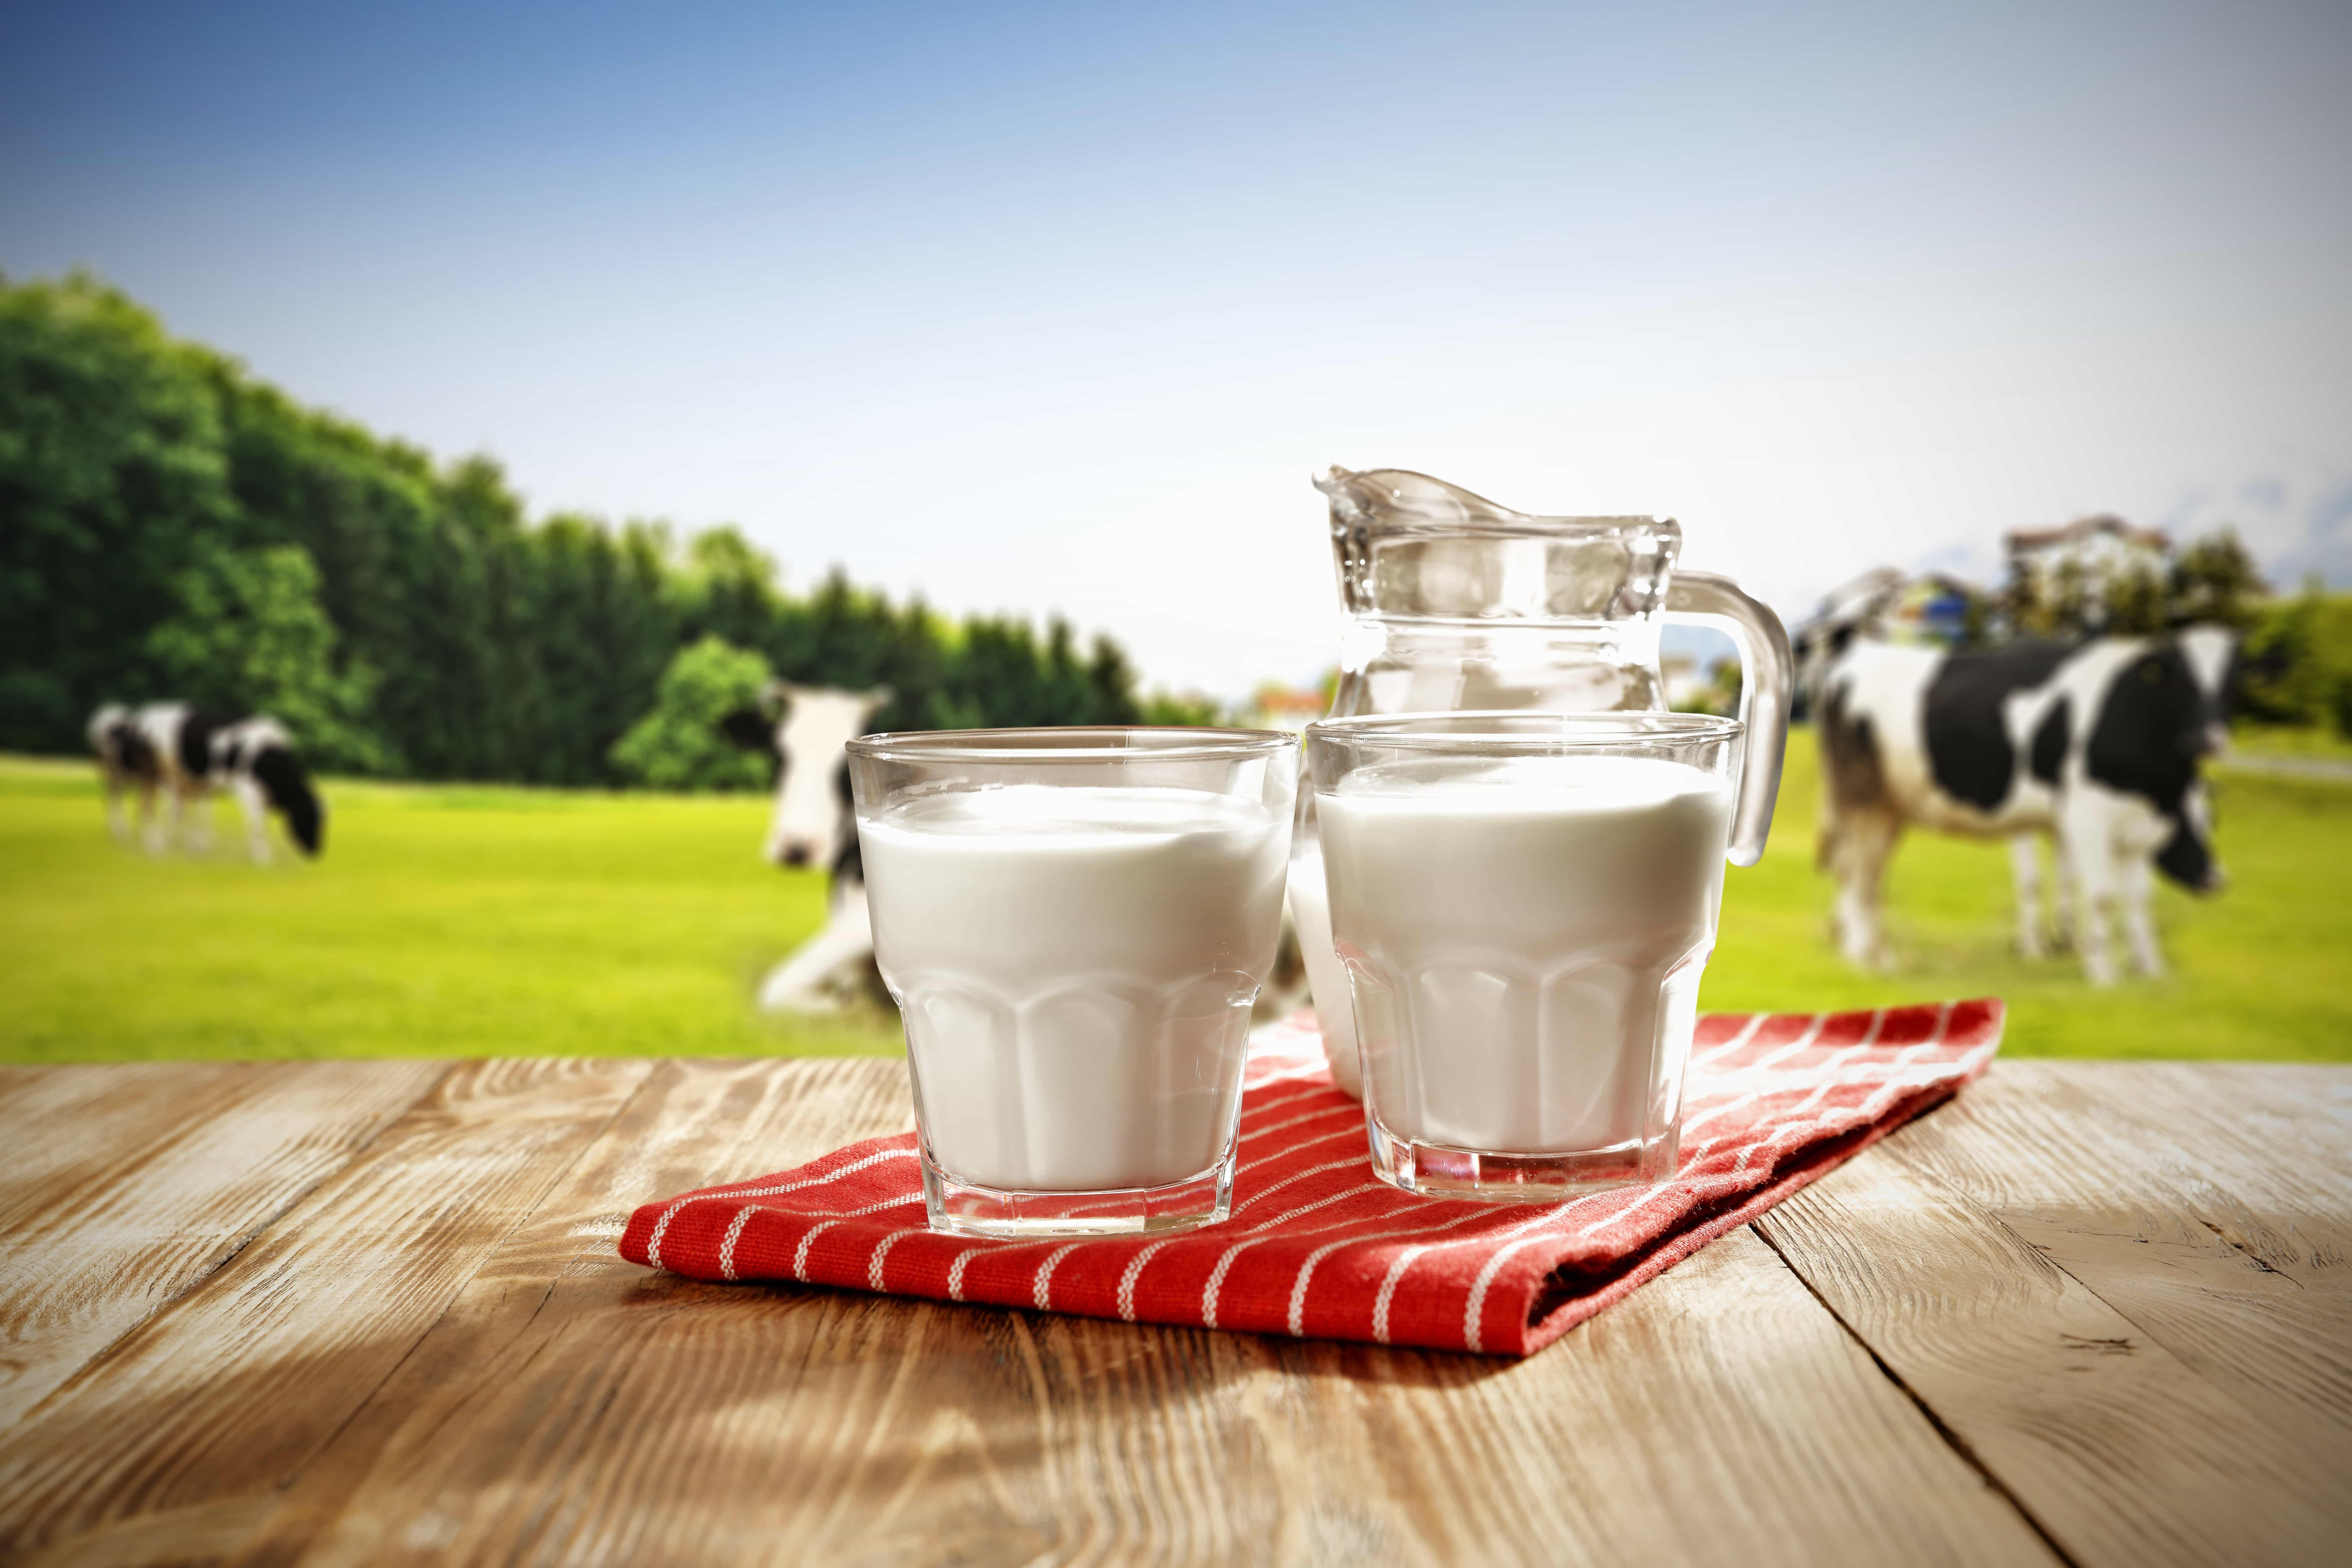 Картинки с коровами и молоком, надписью пожелания